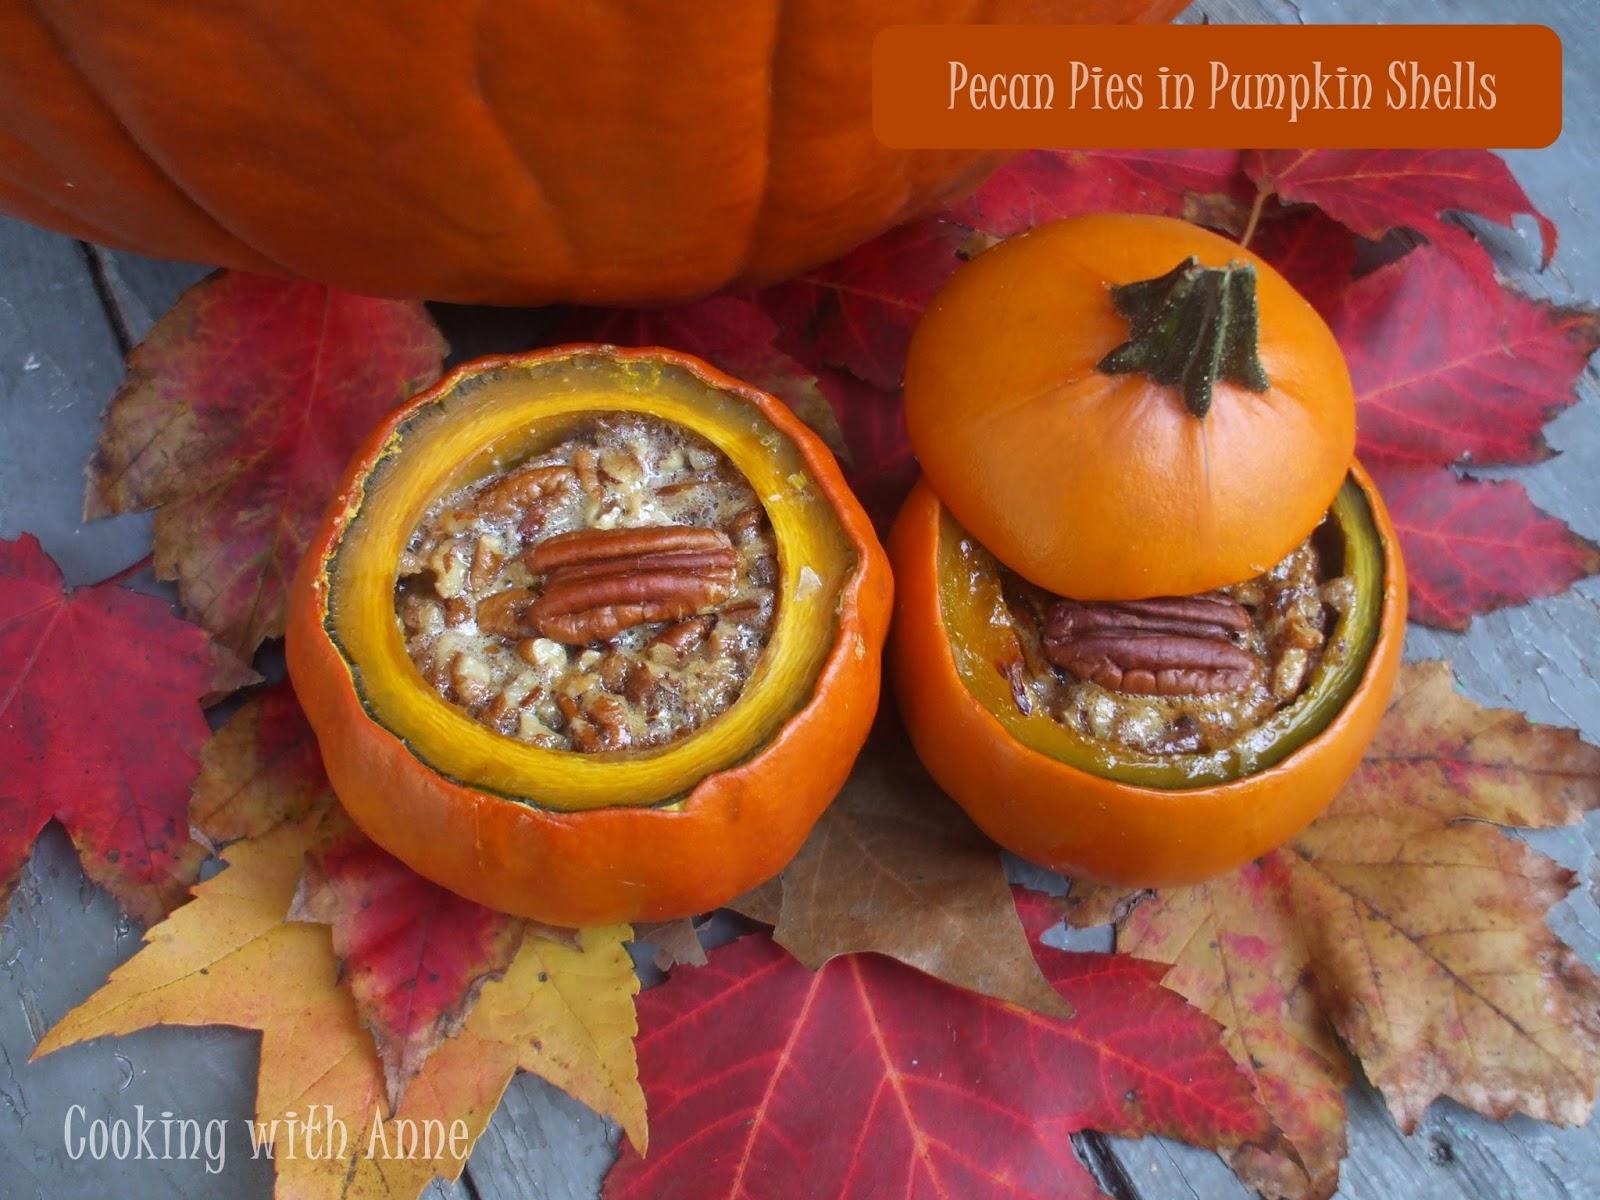 Pecan Pie in Pumpkin Shells